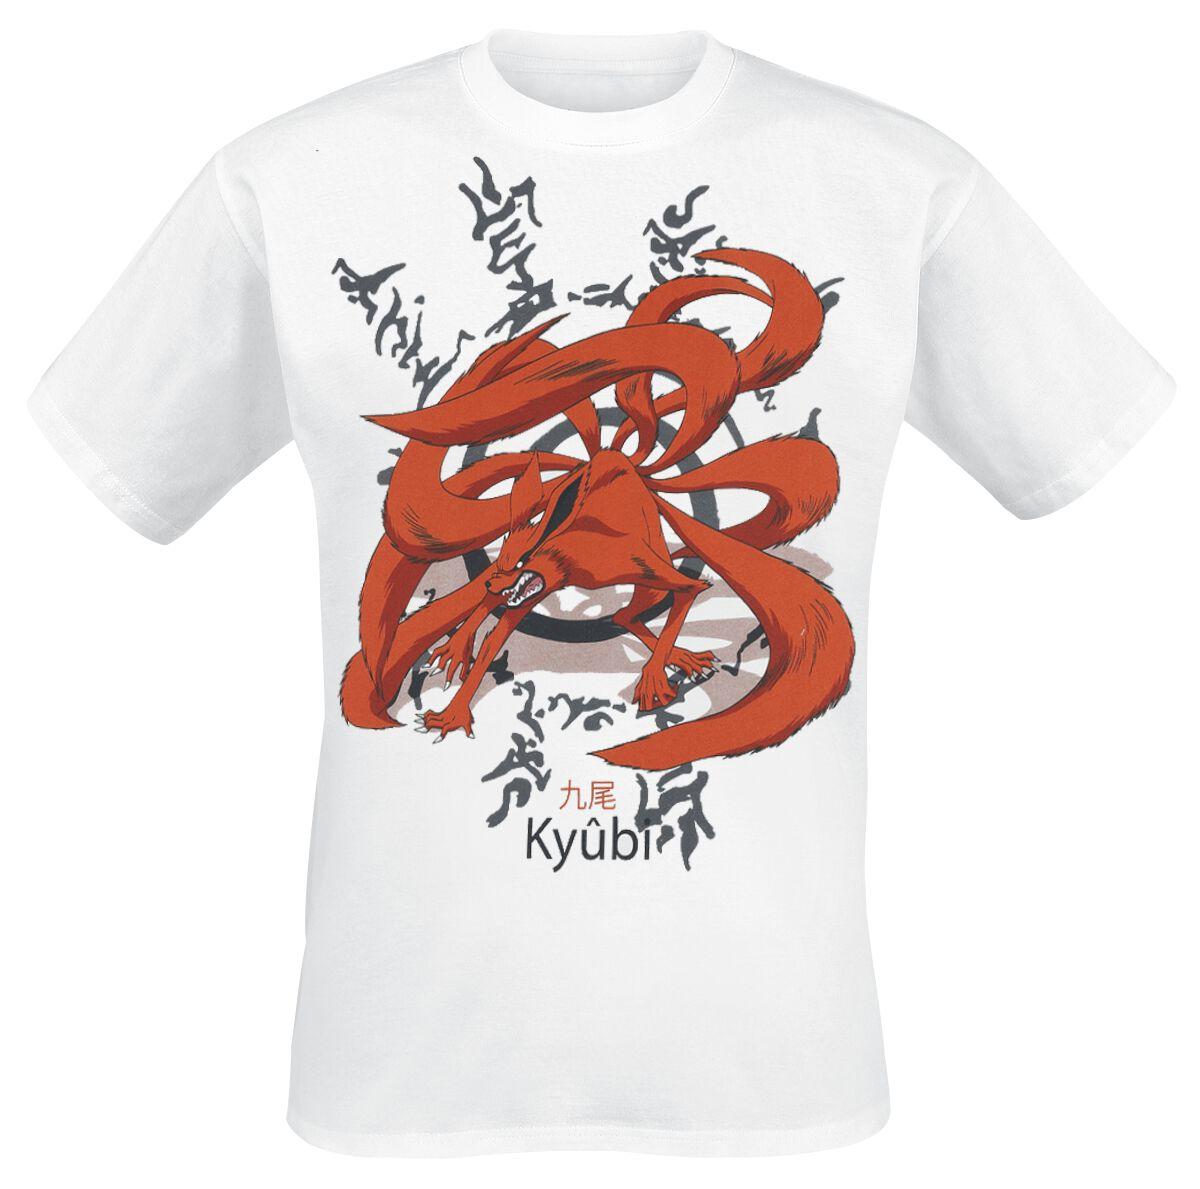 Naruto Kyubi T-Shirt weiß MENARUT TS005